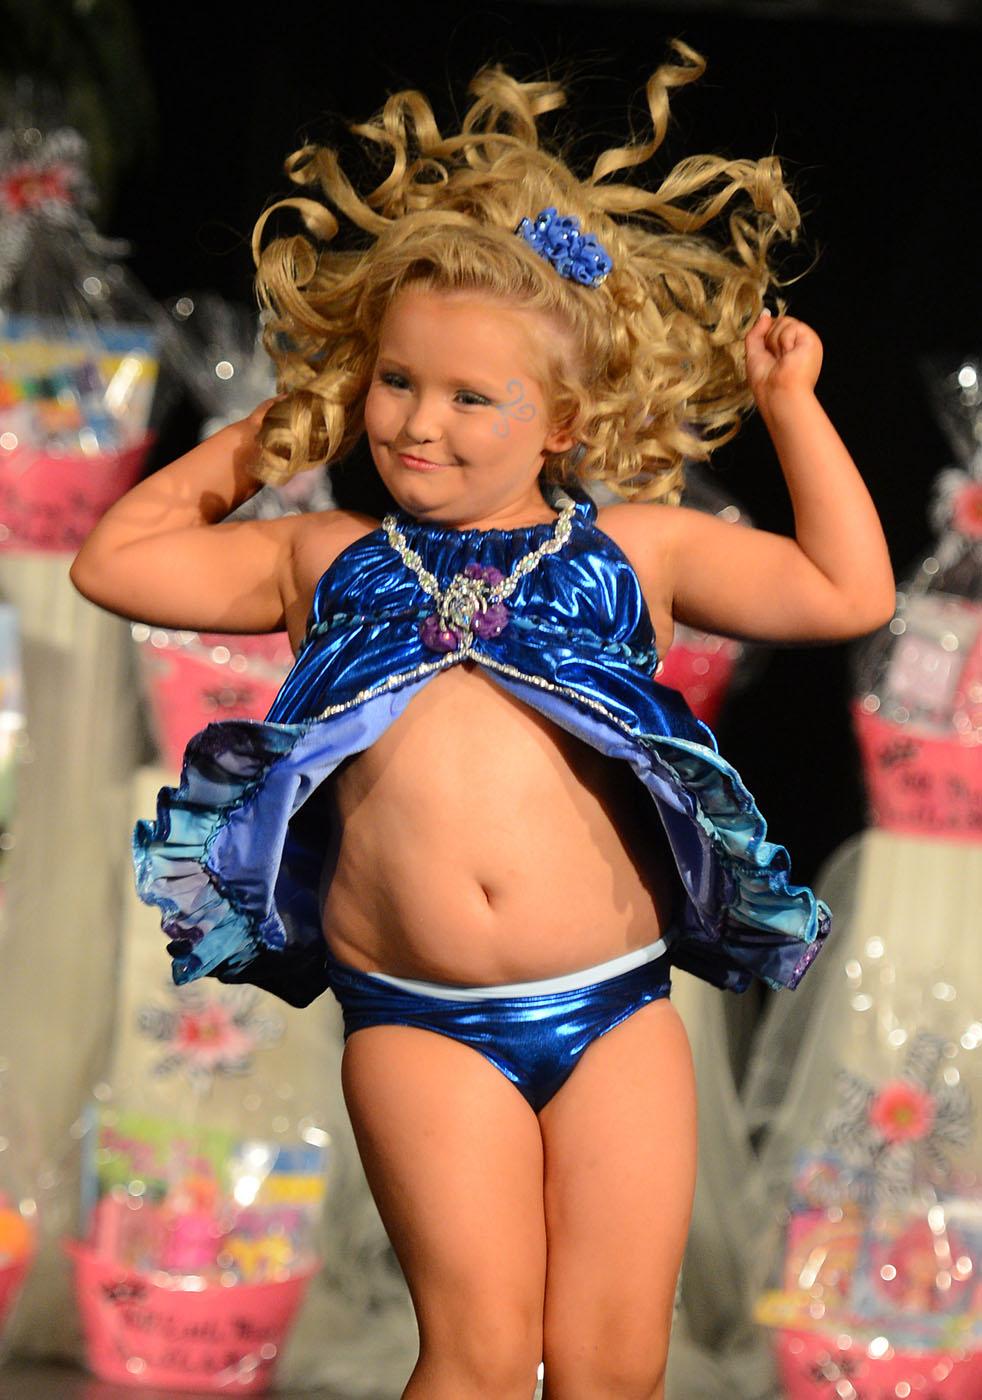 Смотреть порно с маленькими девочками бесплатно без регистрации 14 фотография